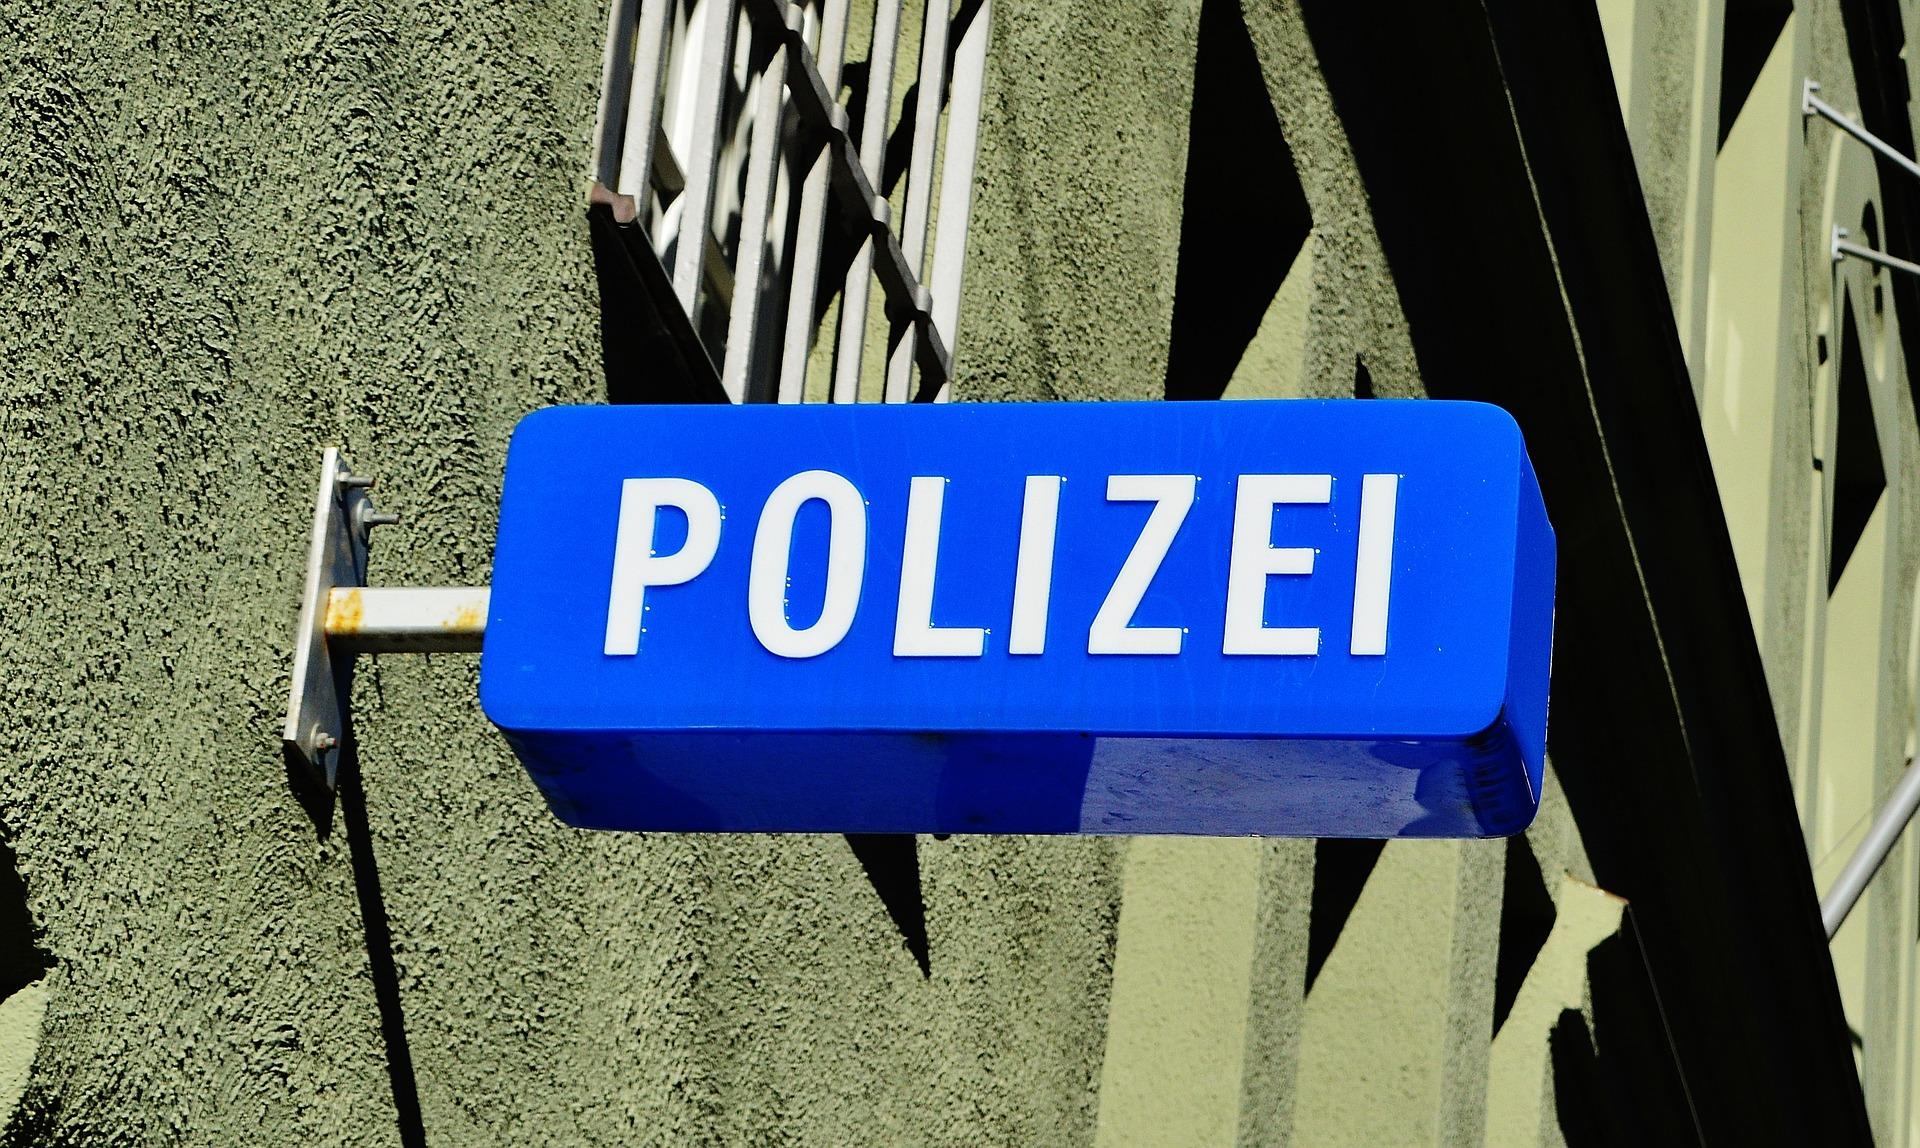 Polizei Erfahrungsbericht